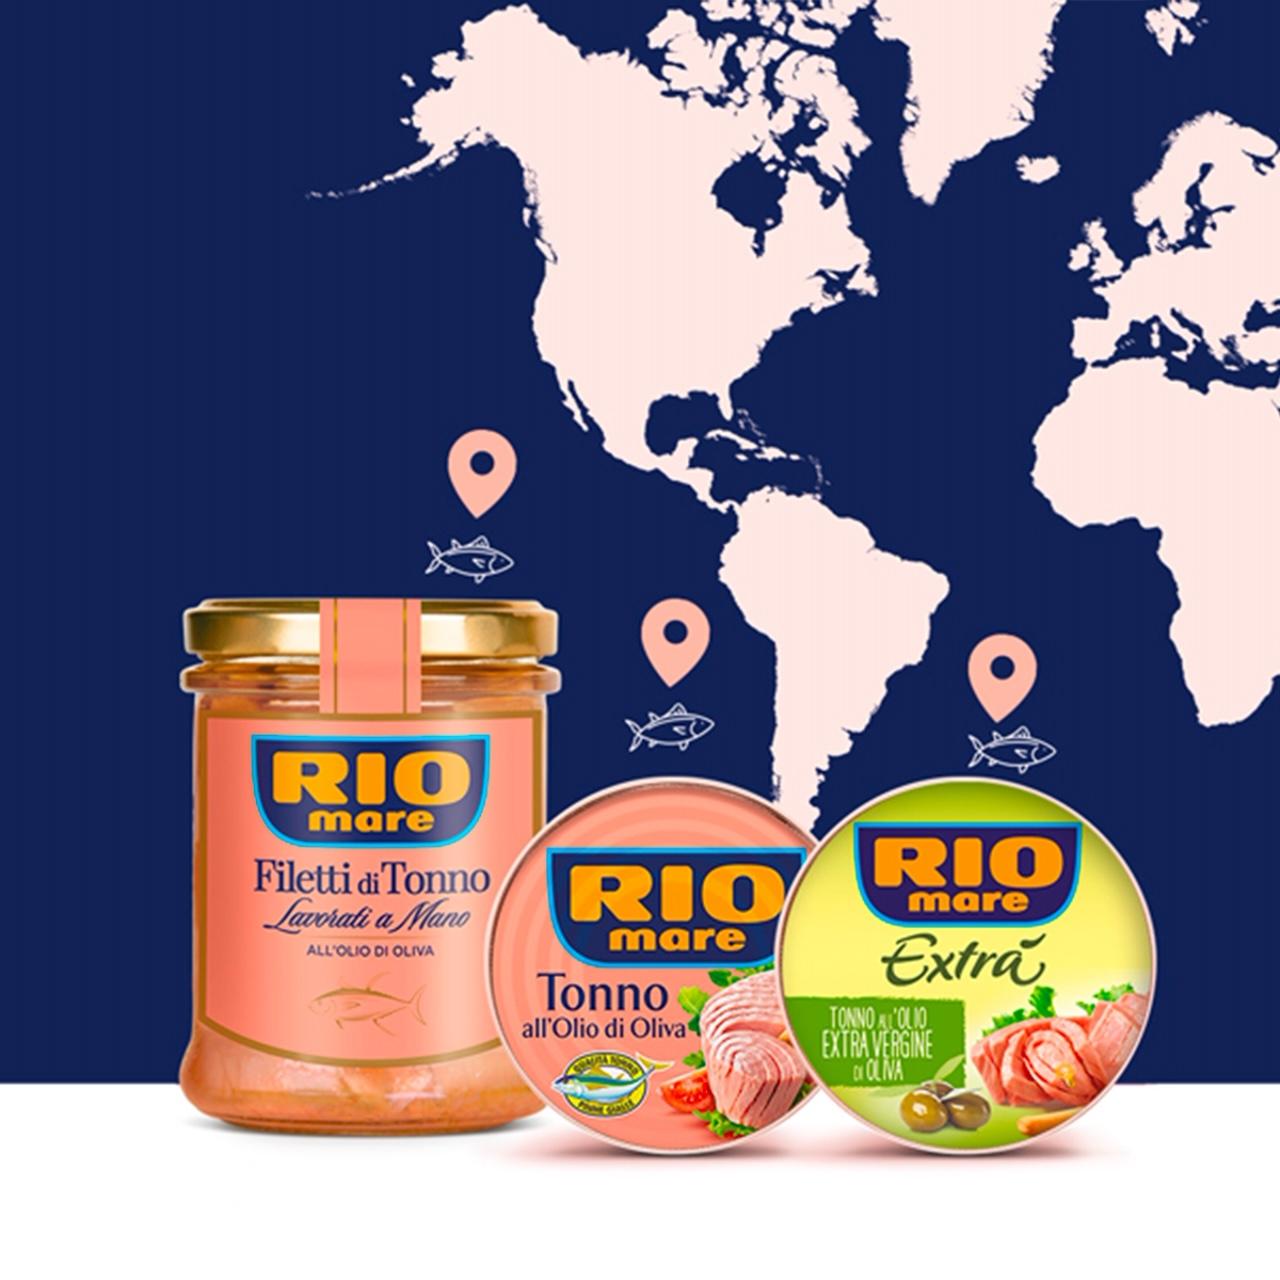 IBM, al via la piattaforma per la tracciabilità del prodotto sviluppata per Rio Mare